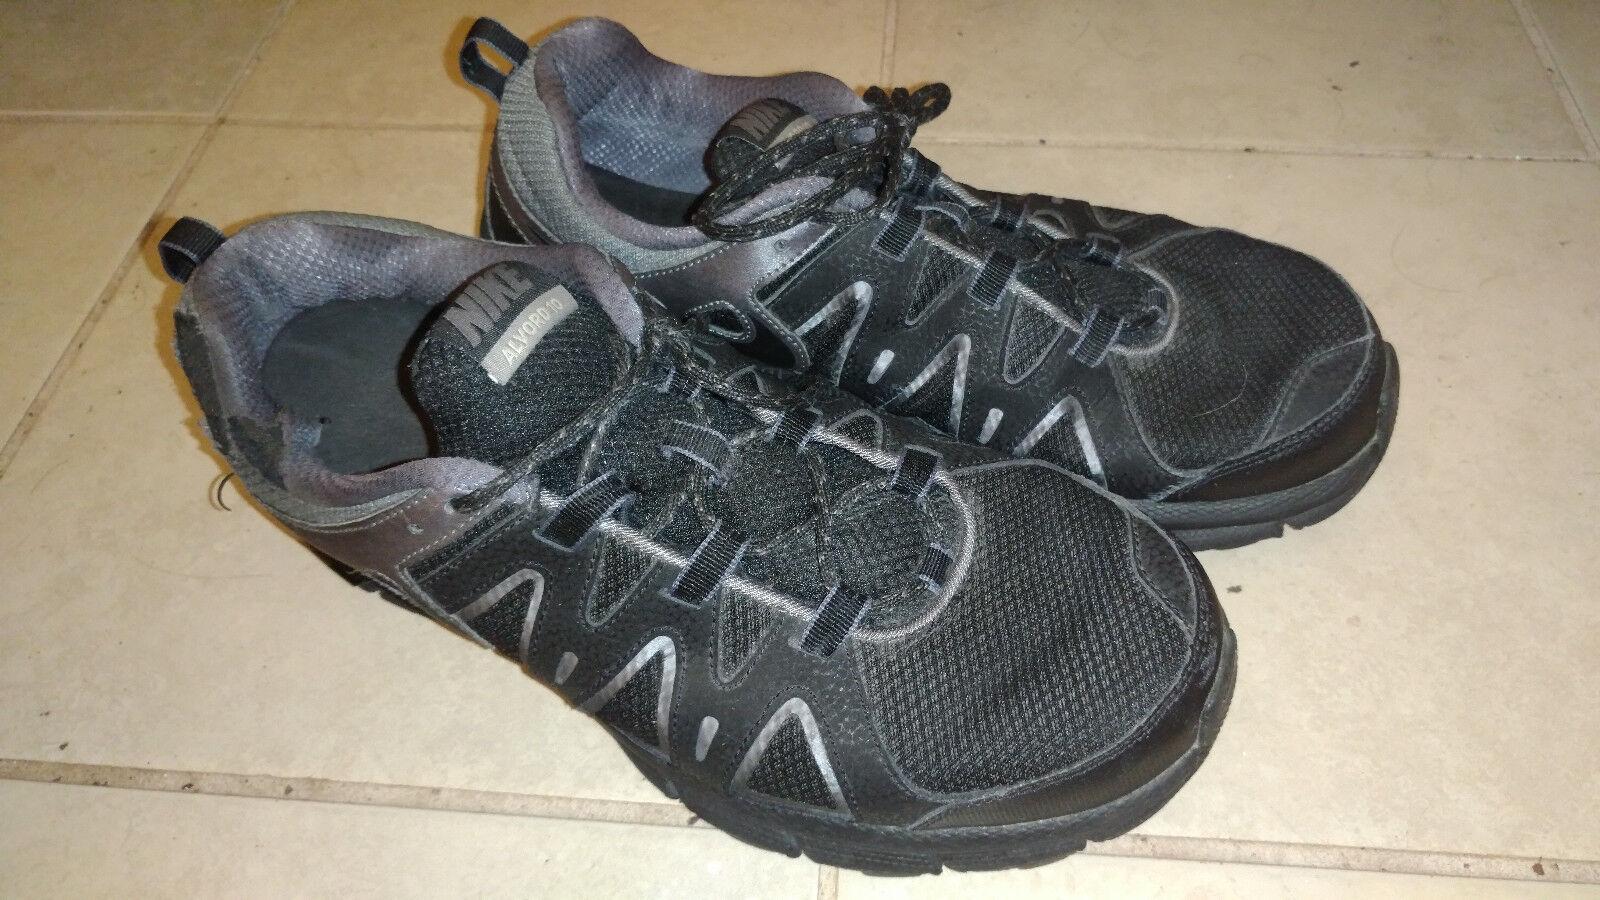 nike air alvord alvord alvord 10 uomini dimensioni 11 11,5 12 tracce scarpa da corsa, scarpe nere   Moda    Prestazione eccellente    Di Qualità Superiore    Scolaro/Signora Scarpa  1e66e8